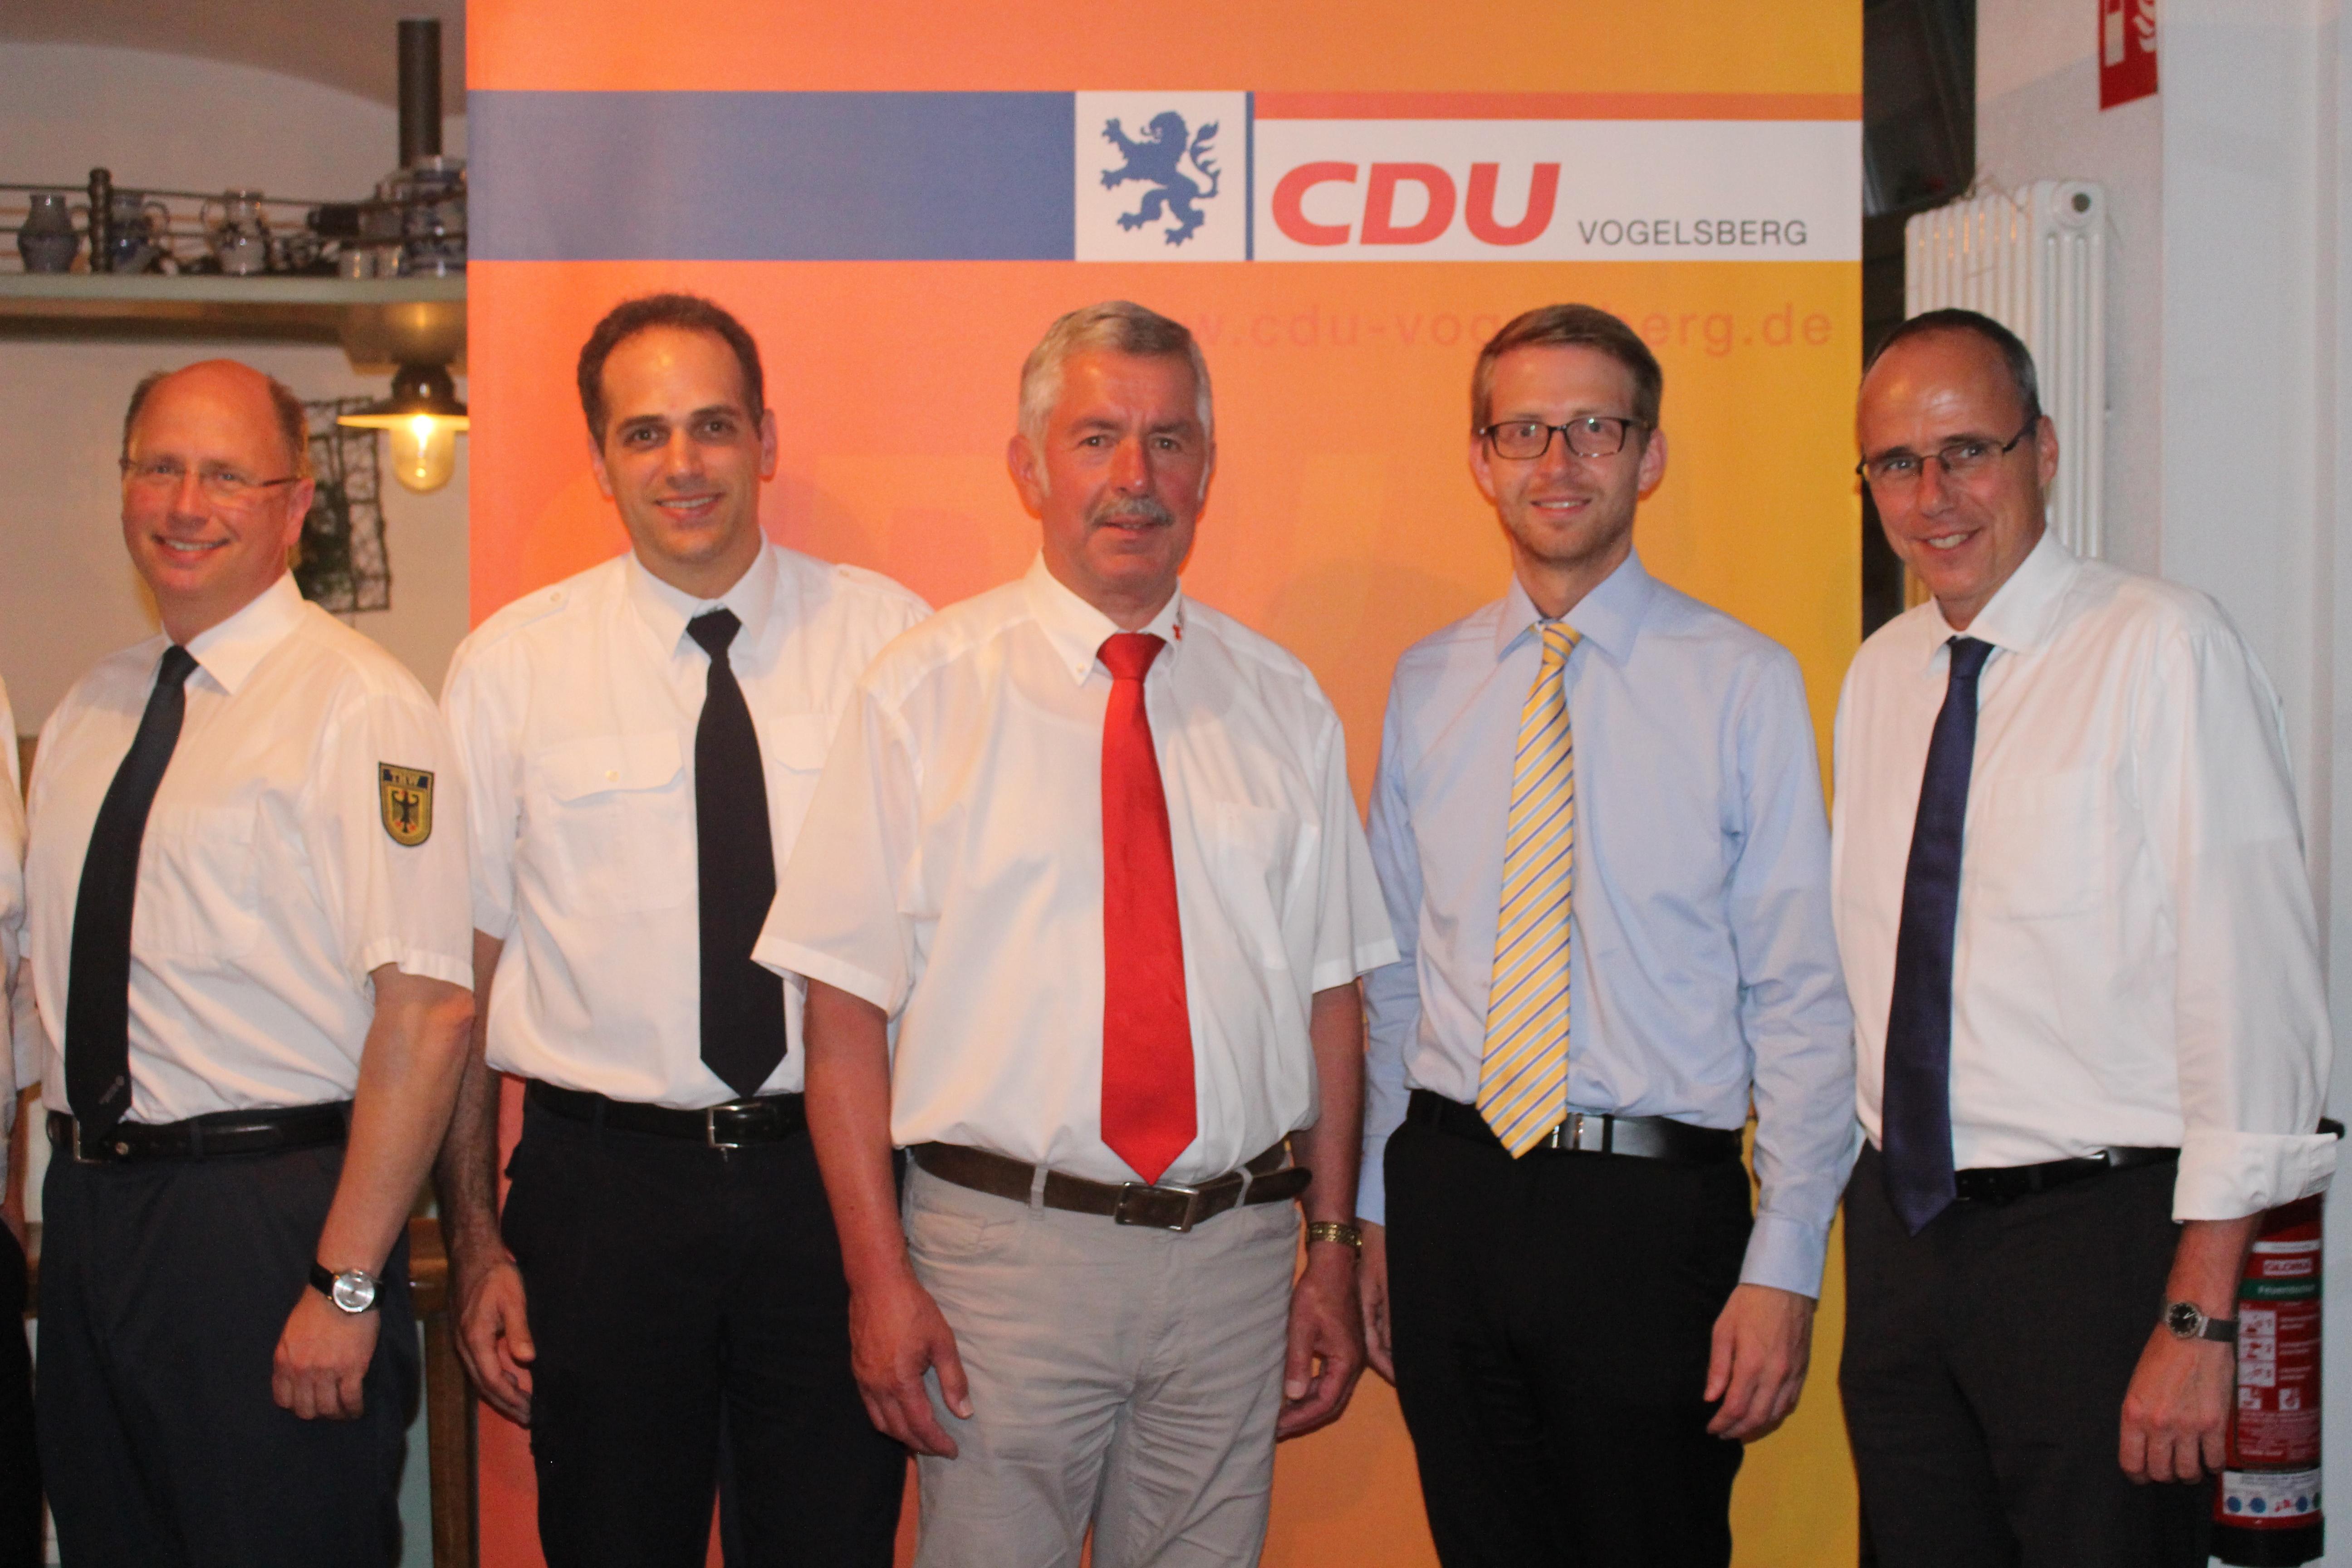 Klares Bekenntnis zum Ehrenamt beim CDU-Forum (von links):Die Vertreter der ehrenamtlichen Hilfsorganisationen Jochen Weppler (THW), Dr. Sven Holland (Feuerwehr), Norbert Södler (DRK) sowie der CDU-Landtagskandidat Michael Ruhl und Hessens Innenminister P